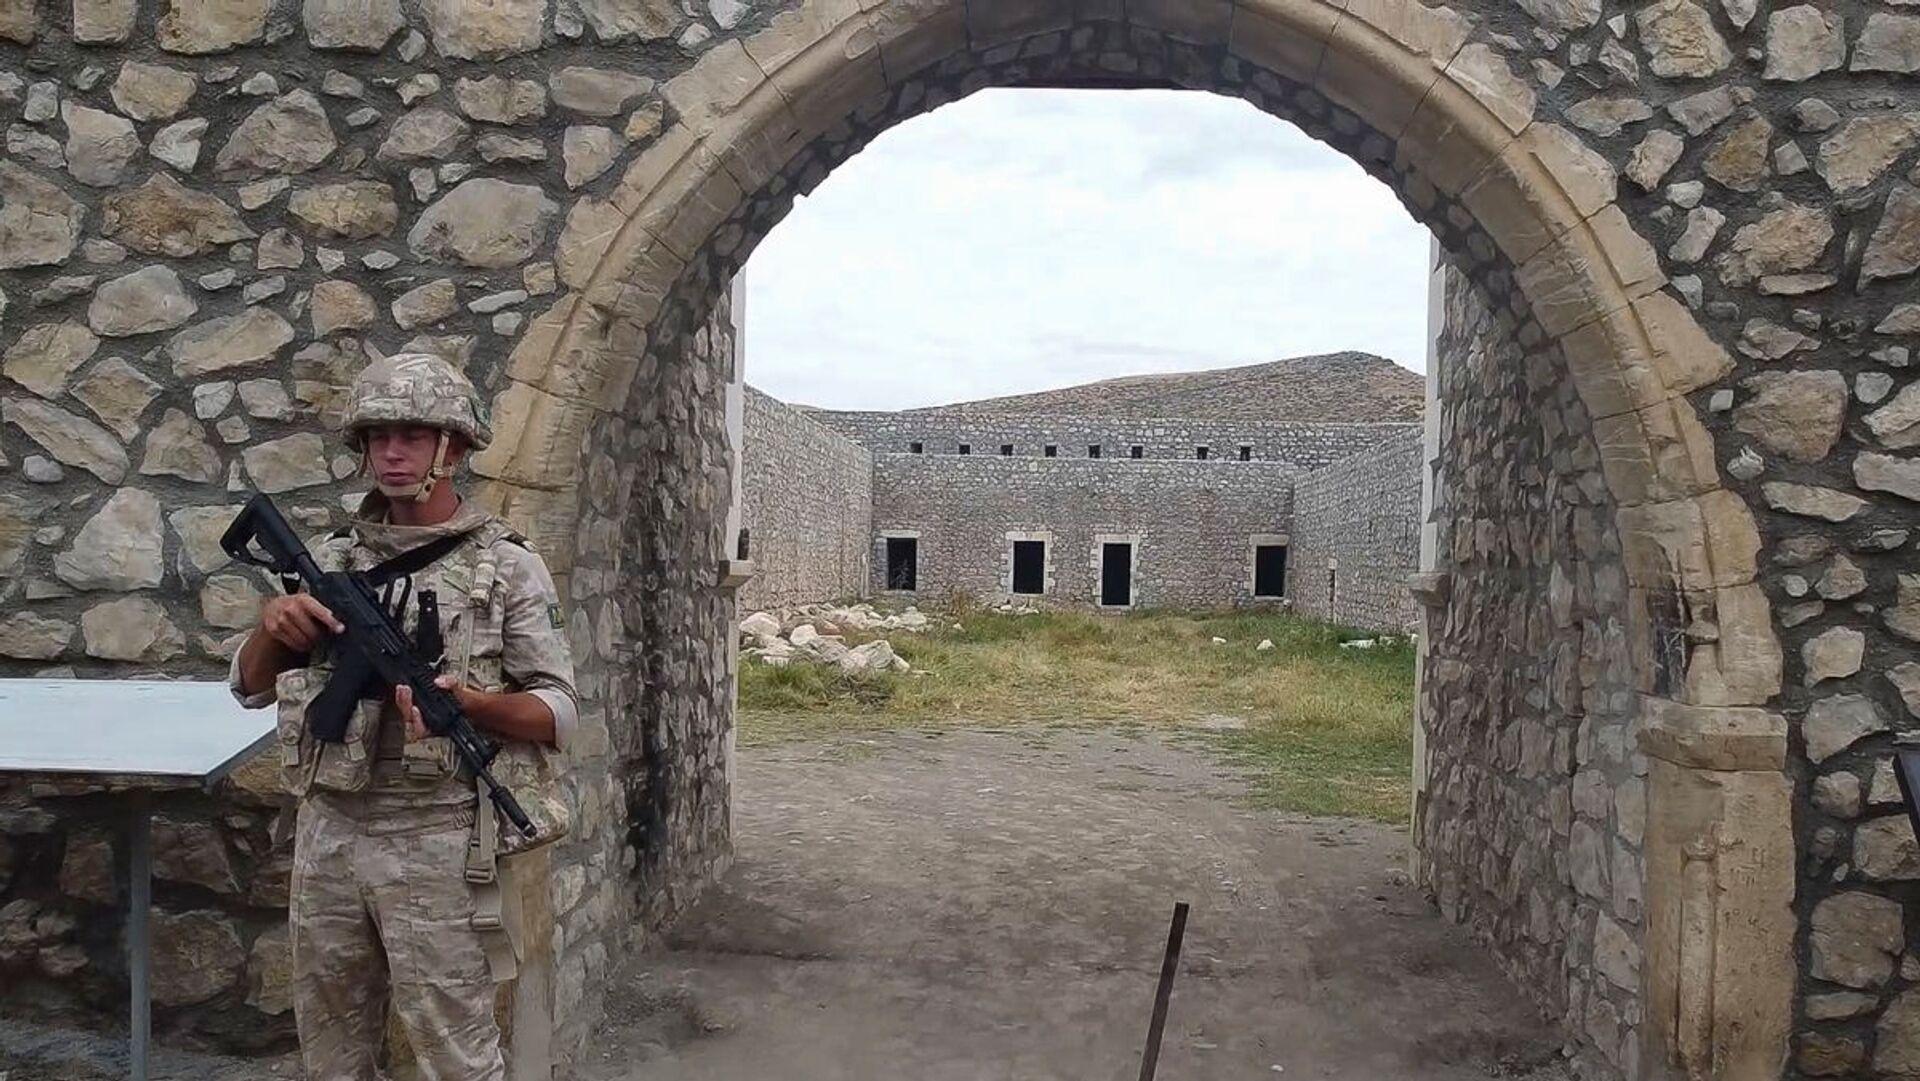 Российские миротворцы сопроводили более тысячи паломников и жителей Карабаха при посещении монастырского комплекса Амарас - Sputnik Արմենիա, 1920, 22.09.2021